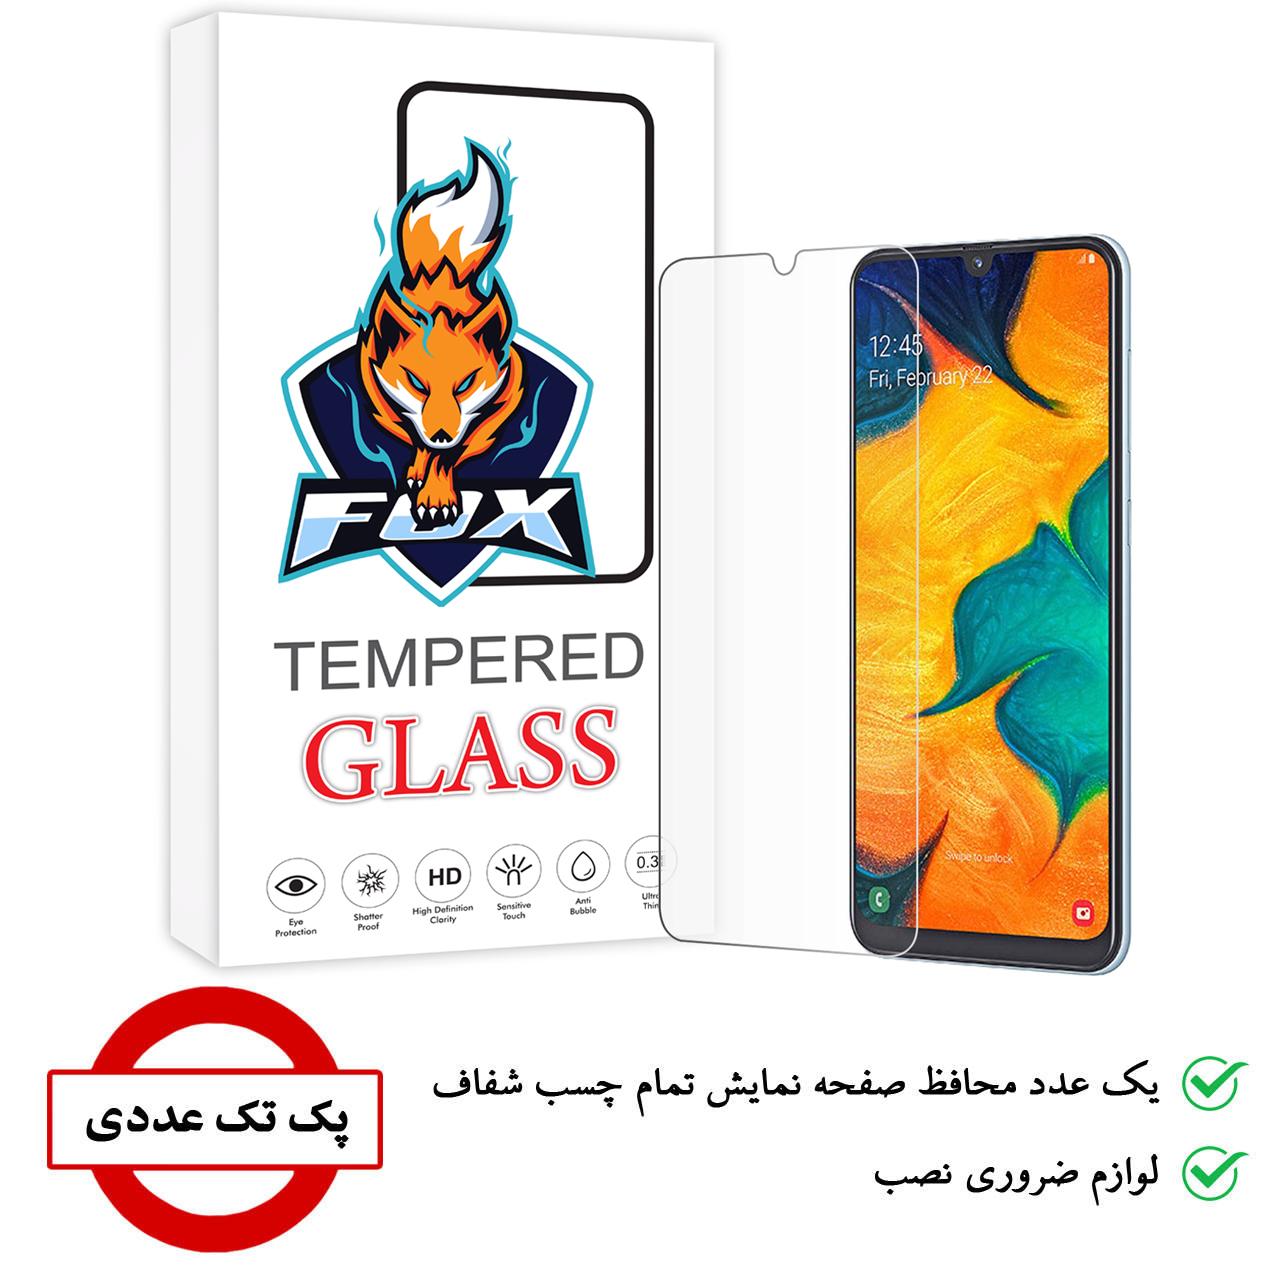 محافظ صفحه نمایش فوکس مدل PR001 مناسب برای گوشی موبایل سامسونگ Galaxy A30 main 1 1